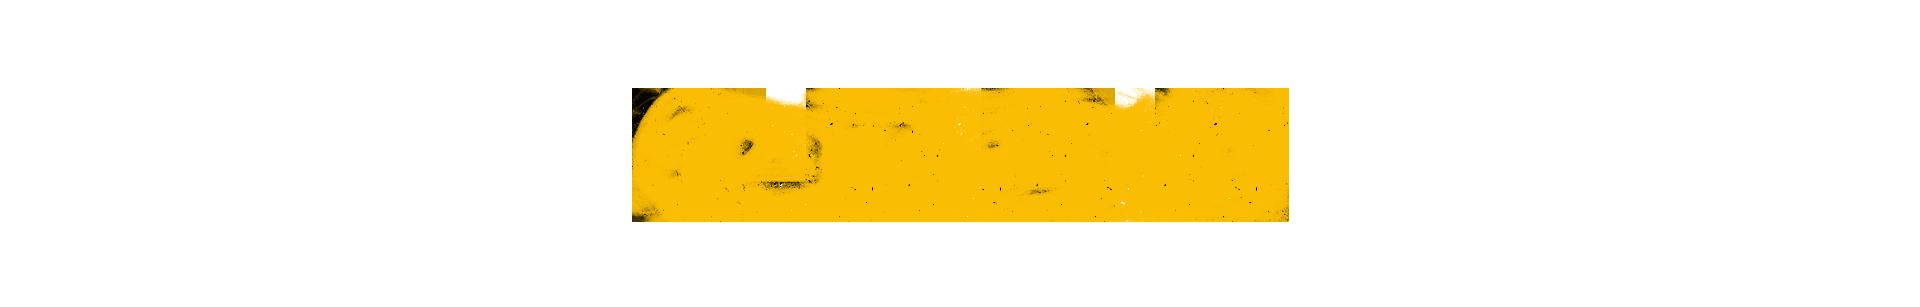 河南电视台香香美食 banner